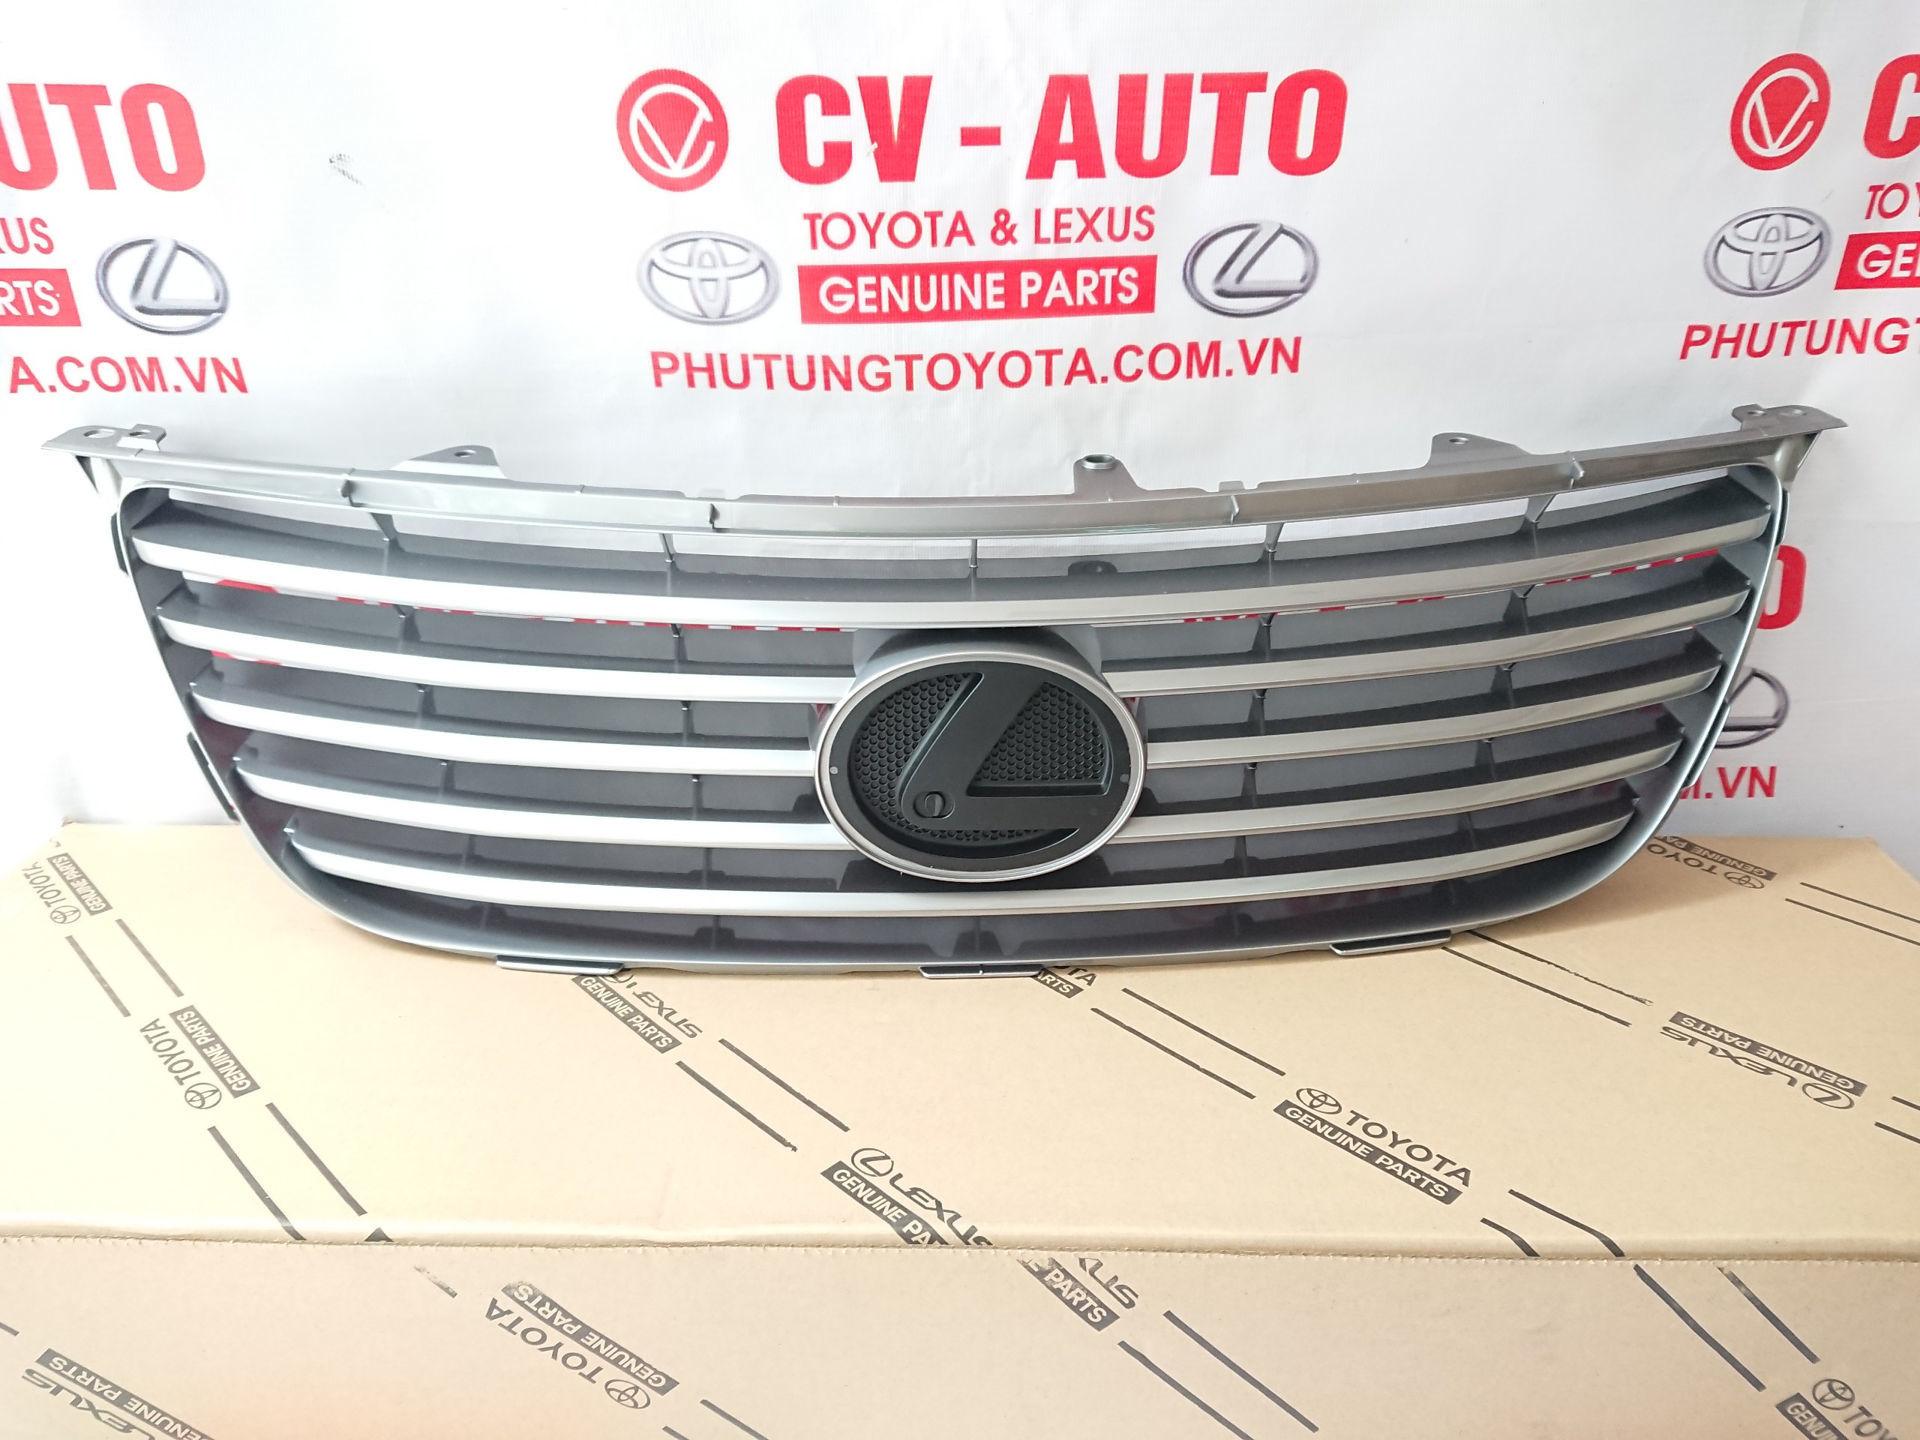 Picture of 53111-33260 Ca lăng Lexus ES350 hàng chính hãng